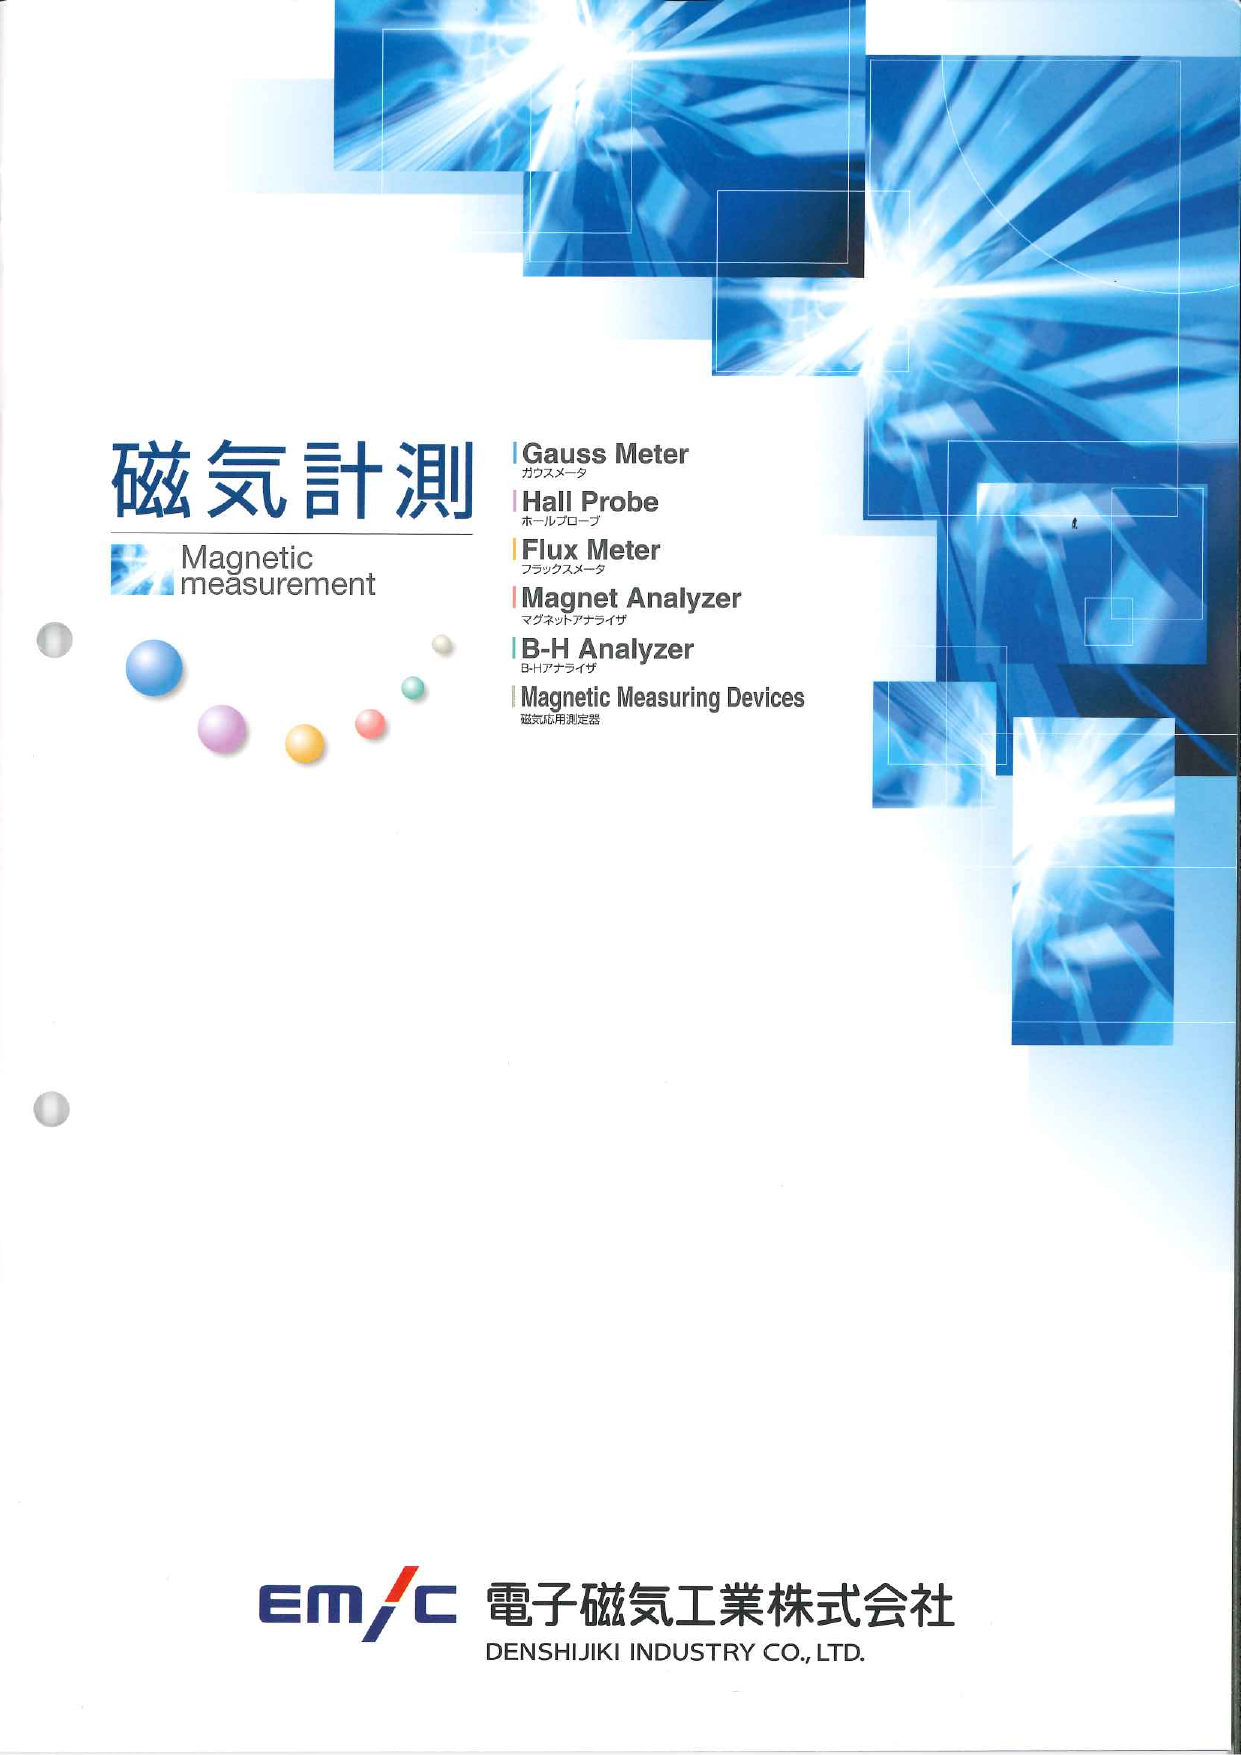 磁気計測機器ラインナップ【ガウスメーター/ホールプローブ/フラックスメータ】